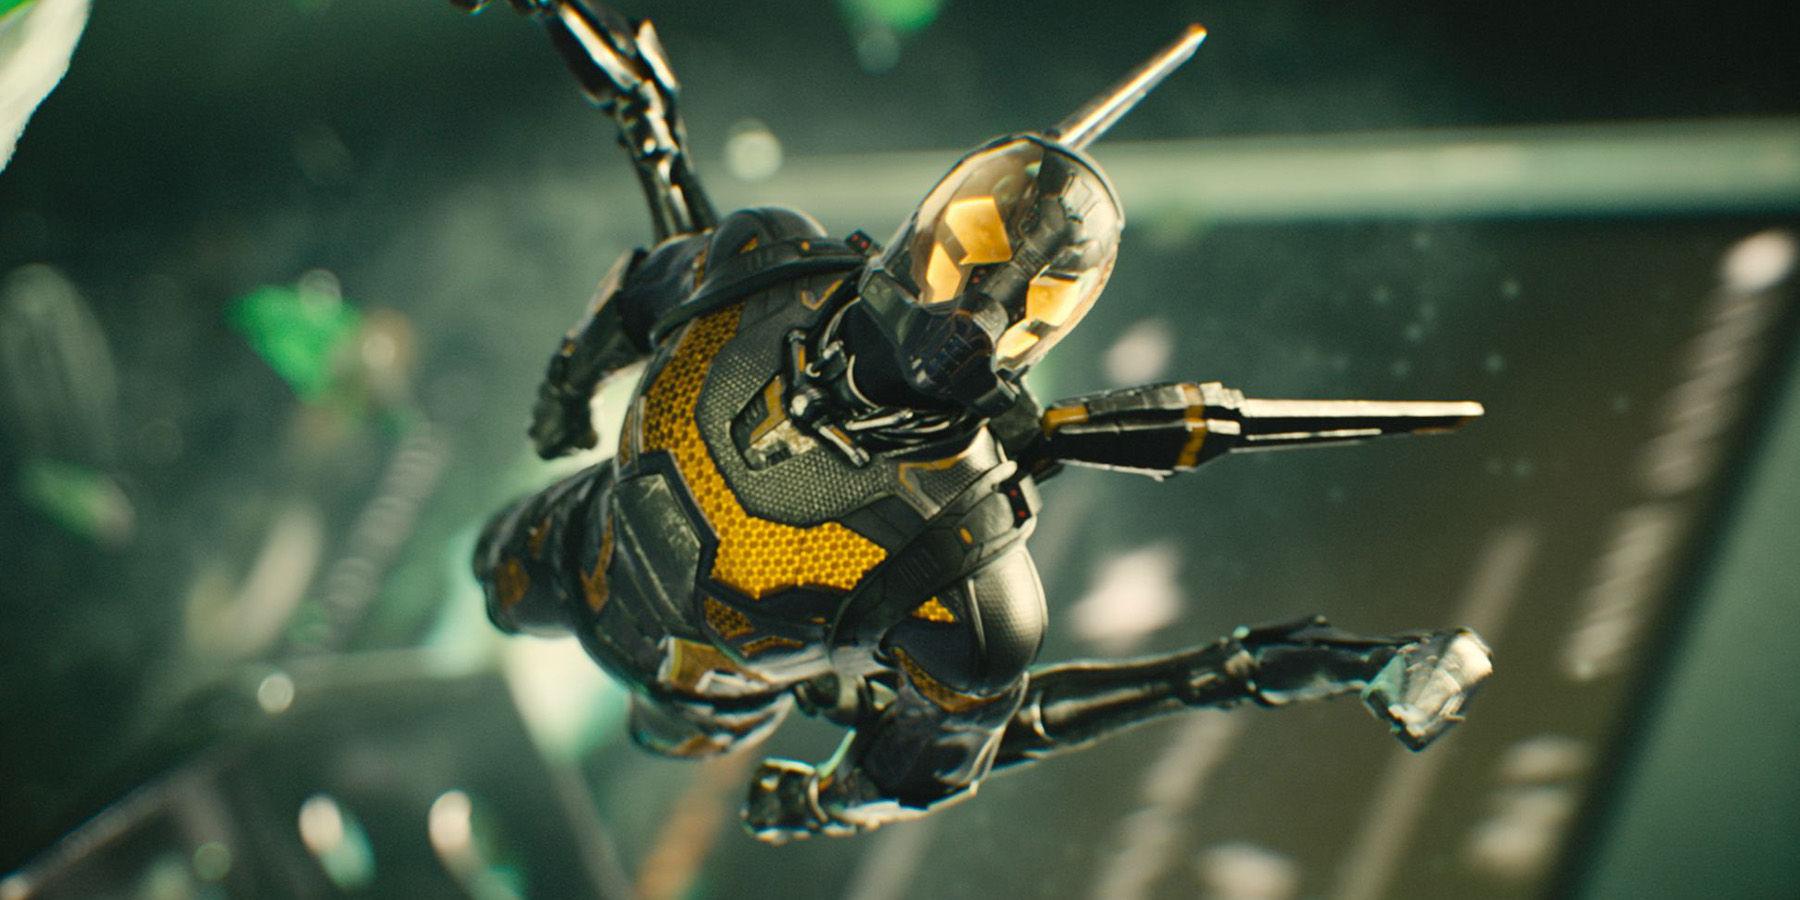 Yellow jacket -  Ant Man Photos An Incredible Look At Yellowjacket Ant Armies